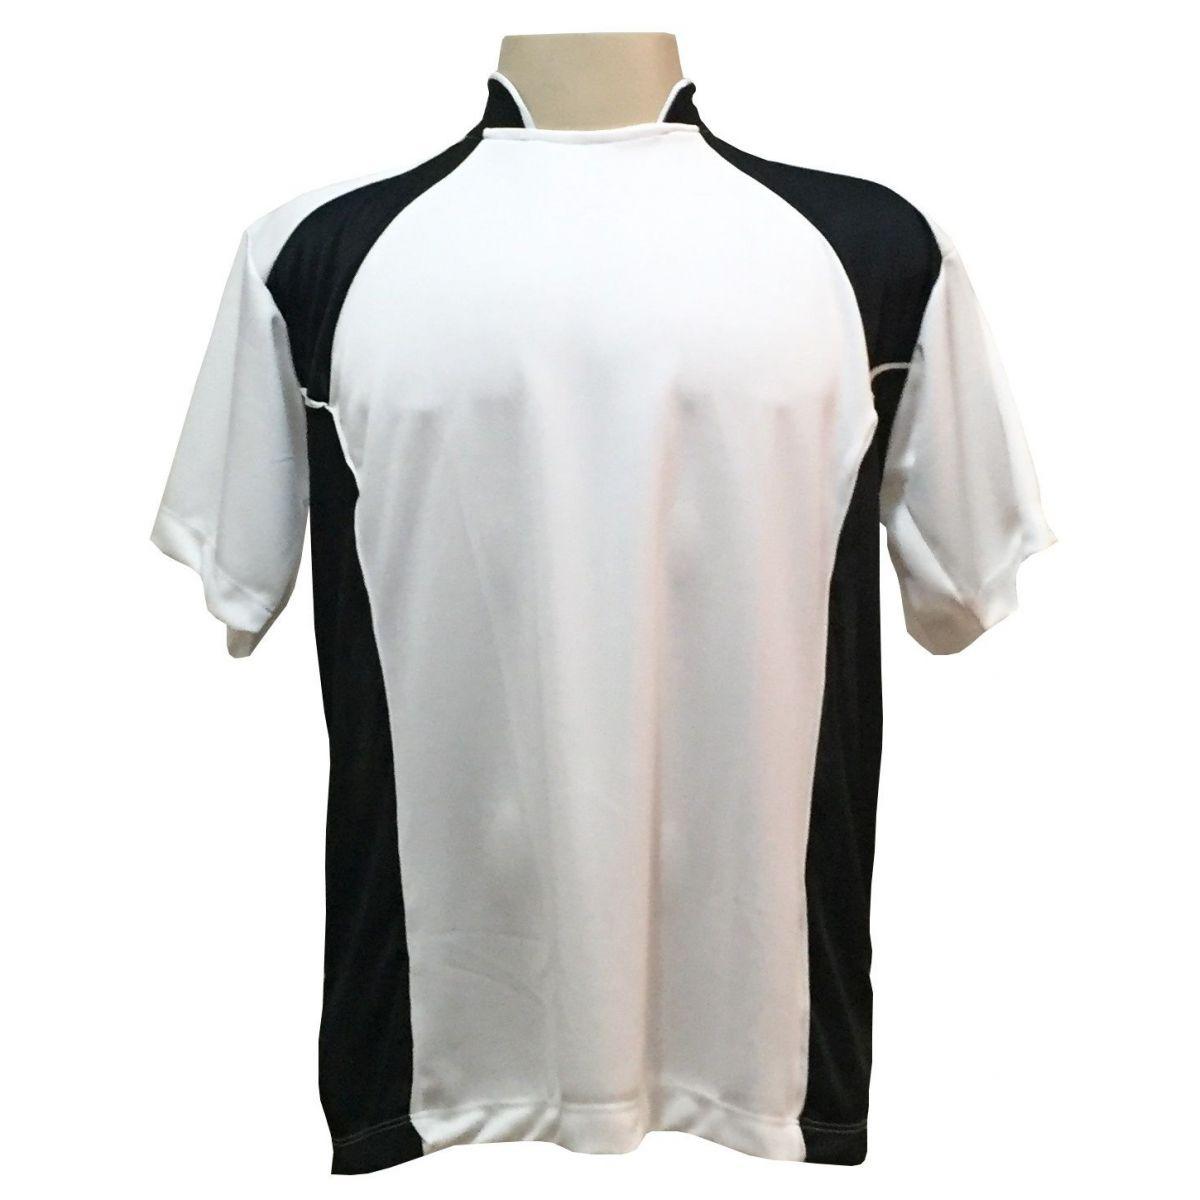 Uniforme Esportivo com 14 camisas modelo Suécia Branco/Preto + 14 calções modelo Madrid Branco + Brindes